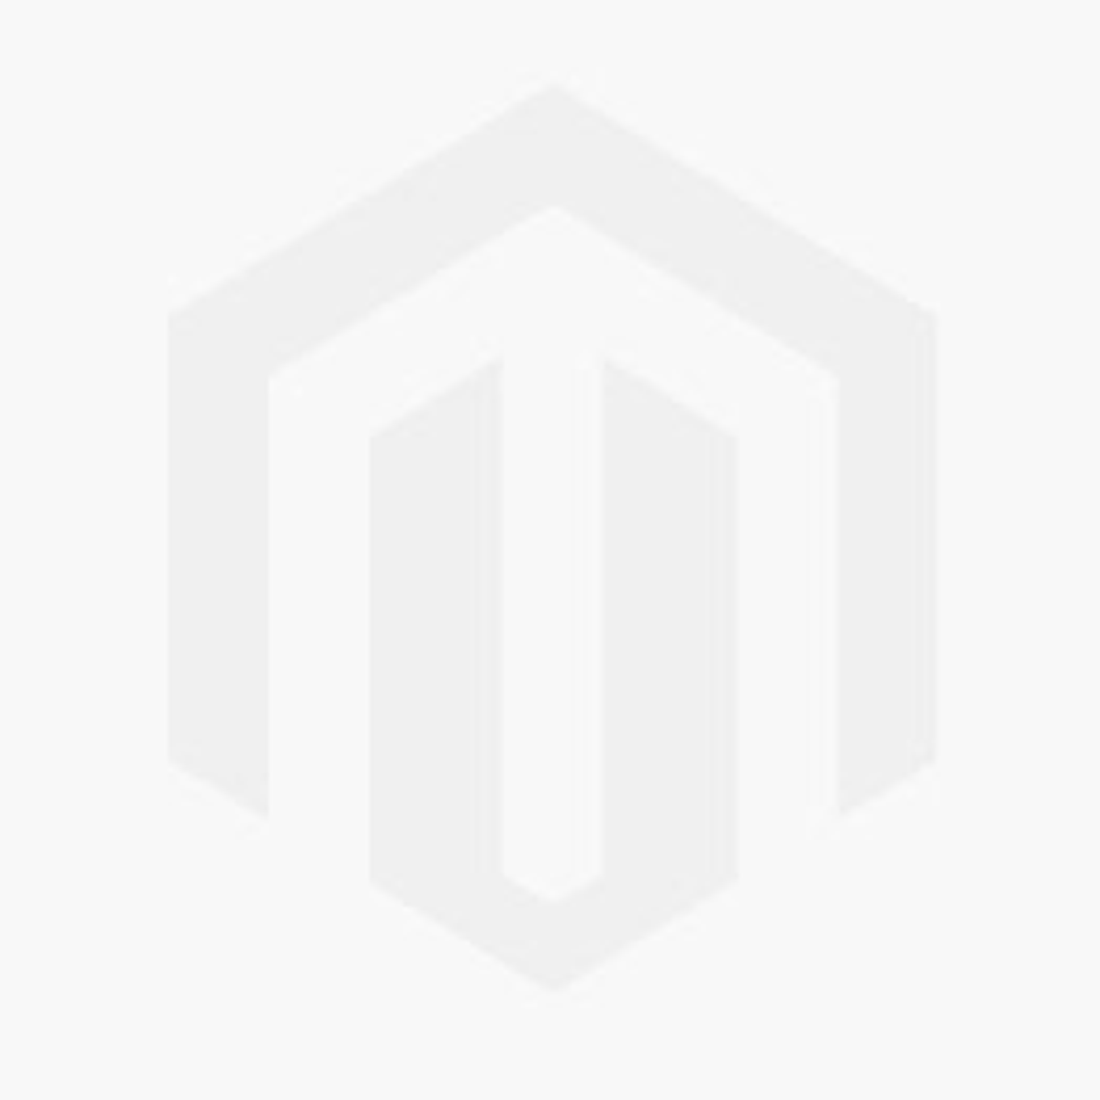 Michelangelo Buonarroti: The Taddei Tondo